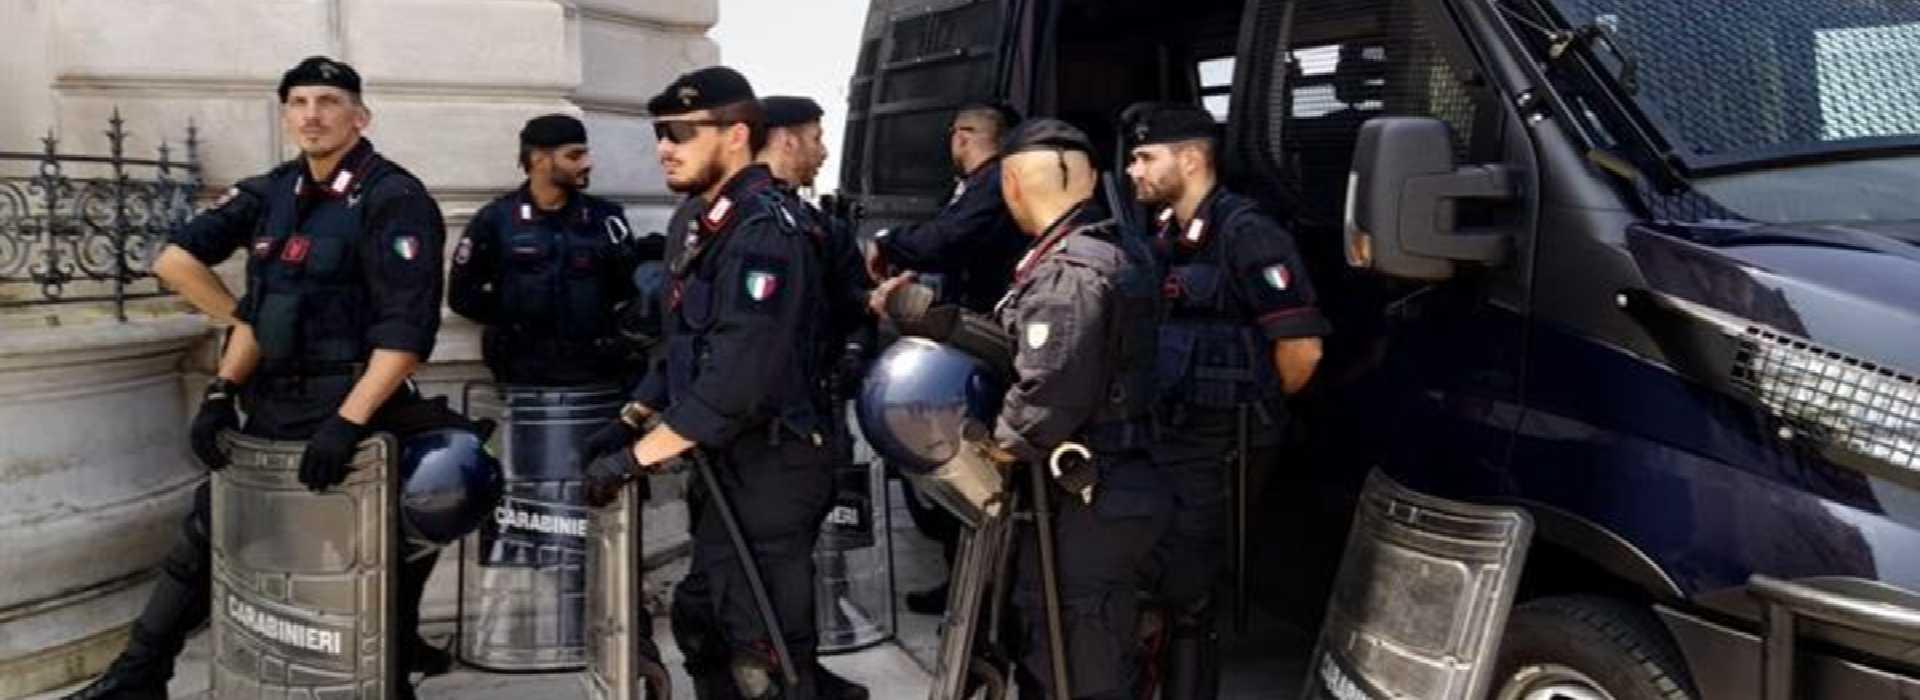 Trieste: stato di allerta. Il governo schiera la polizia in assetto antisommossa